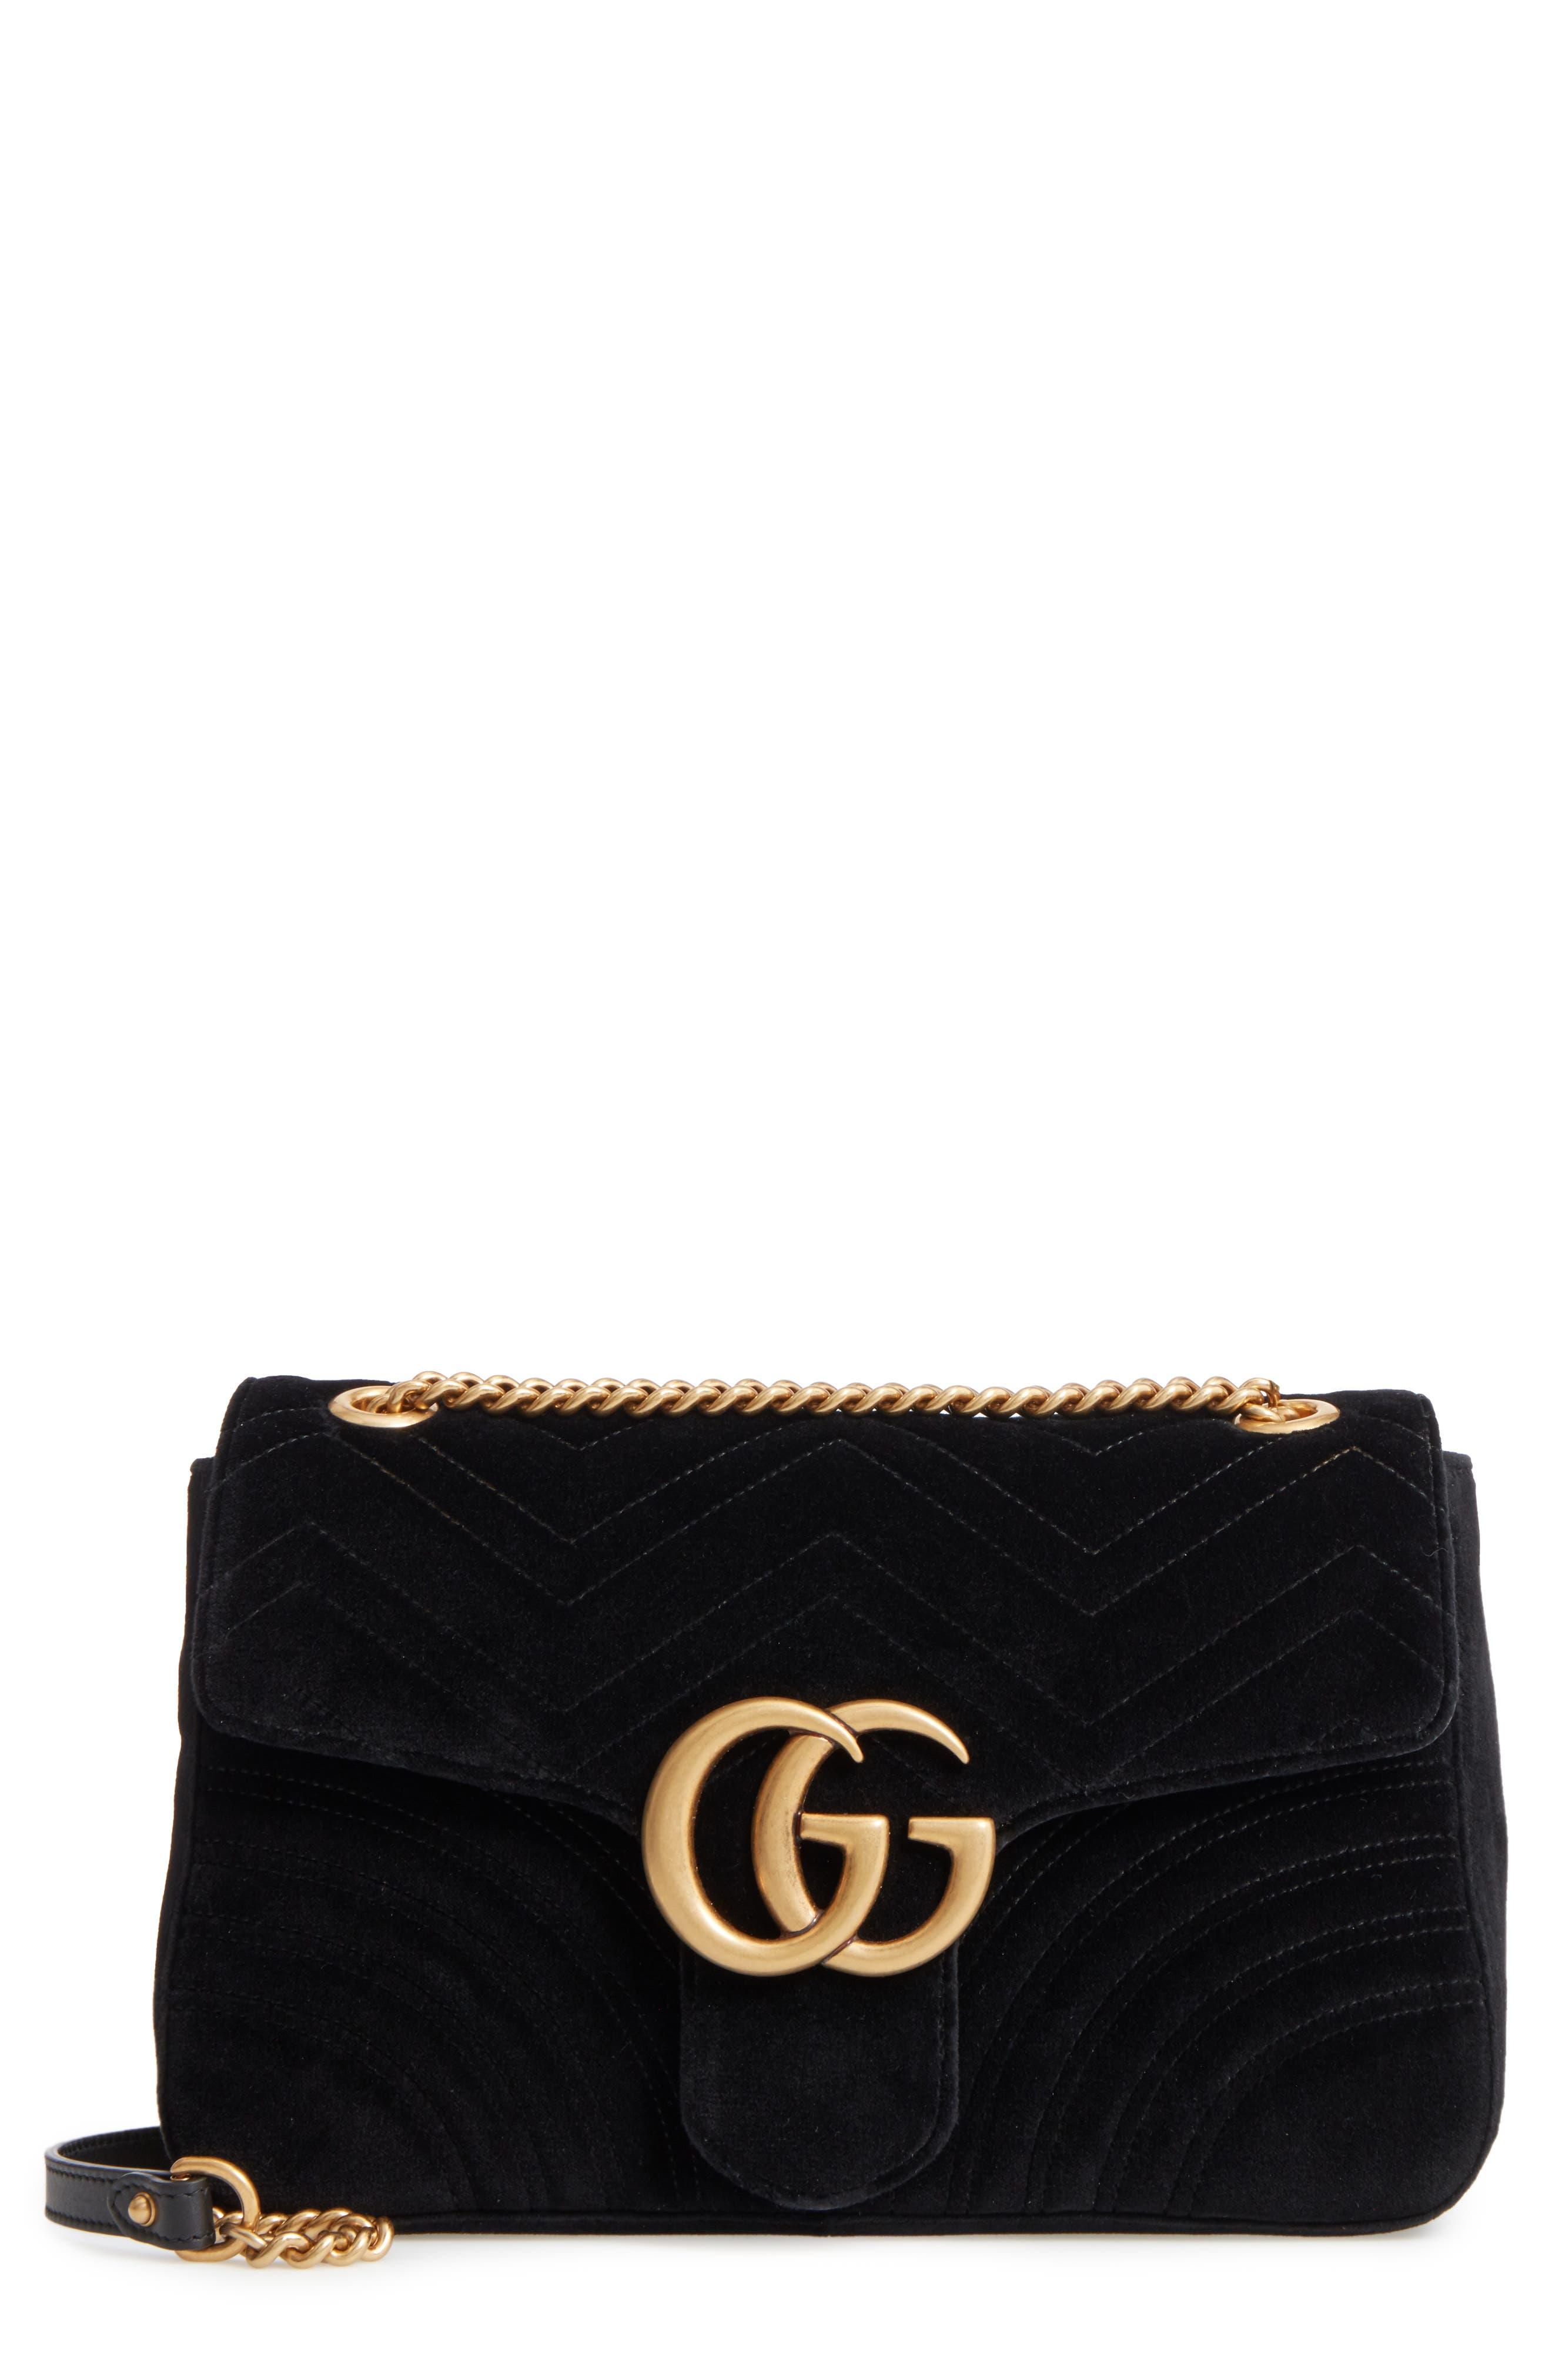 GUCCI, Medium GG Marmont 2.0 Matelassé Velvet Shoulder Bag, Main thumbnail 1, color, NERO